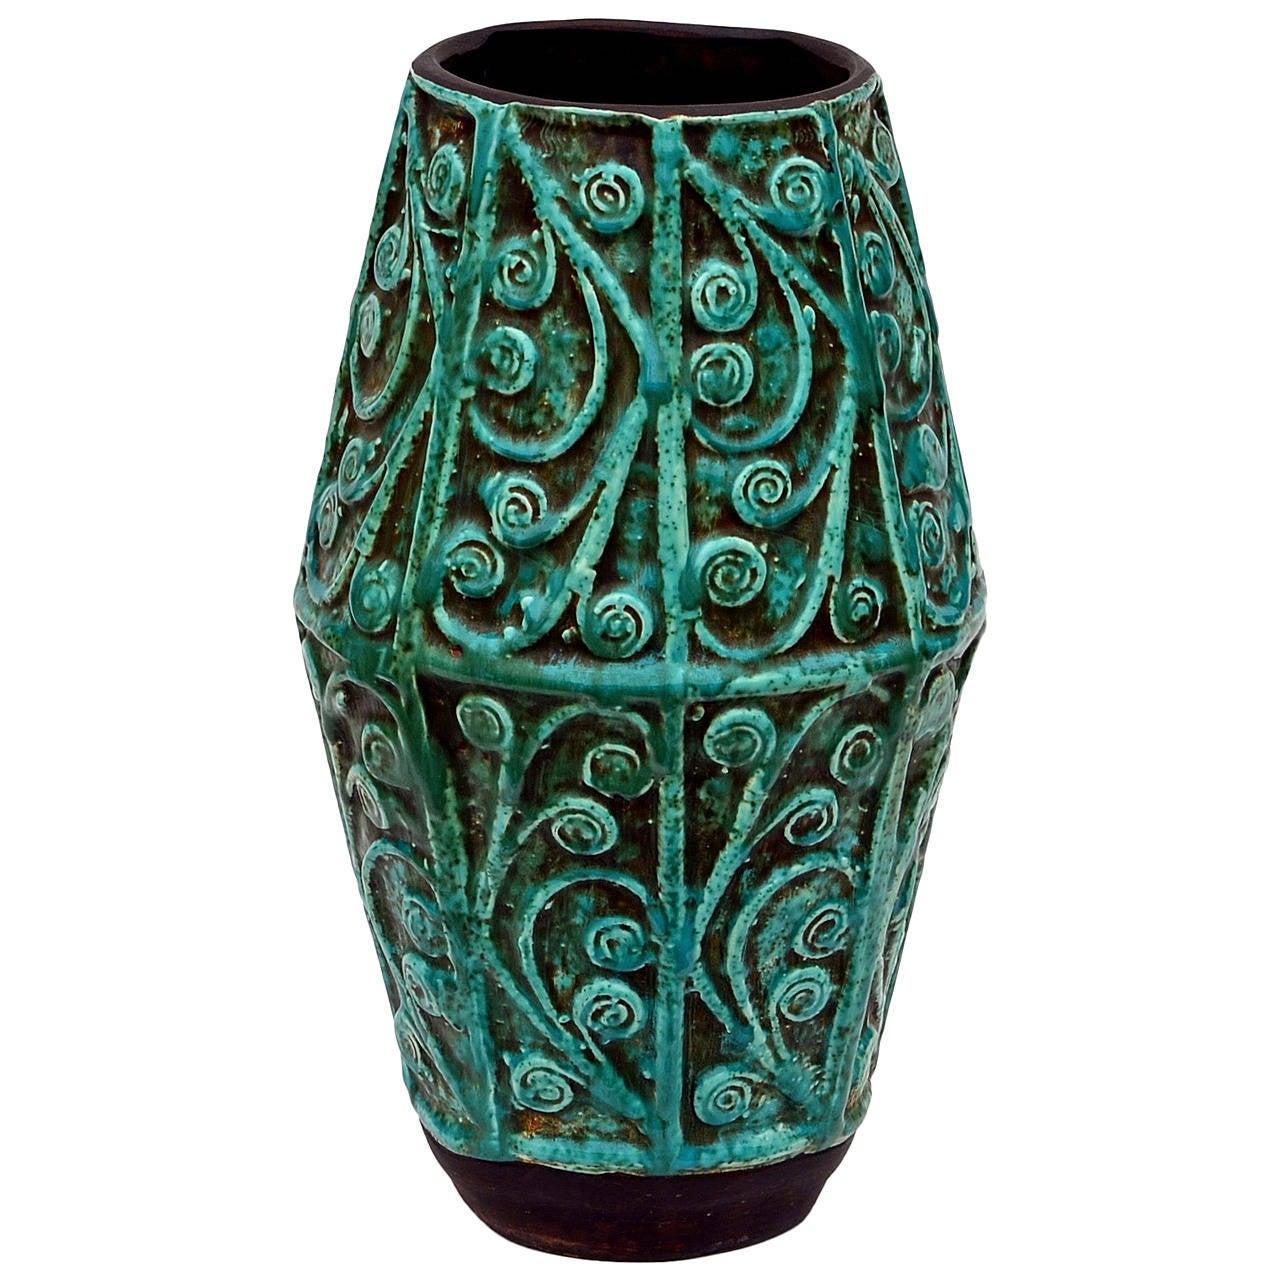 Large Intricate Art Deco Ceramic Vase